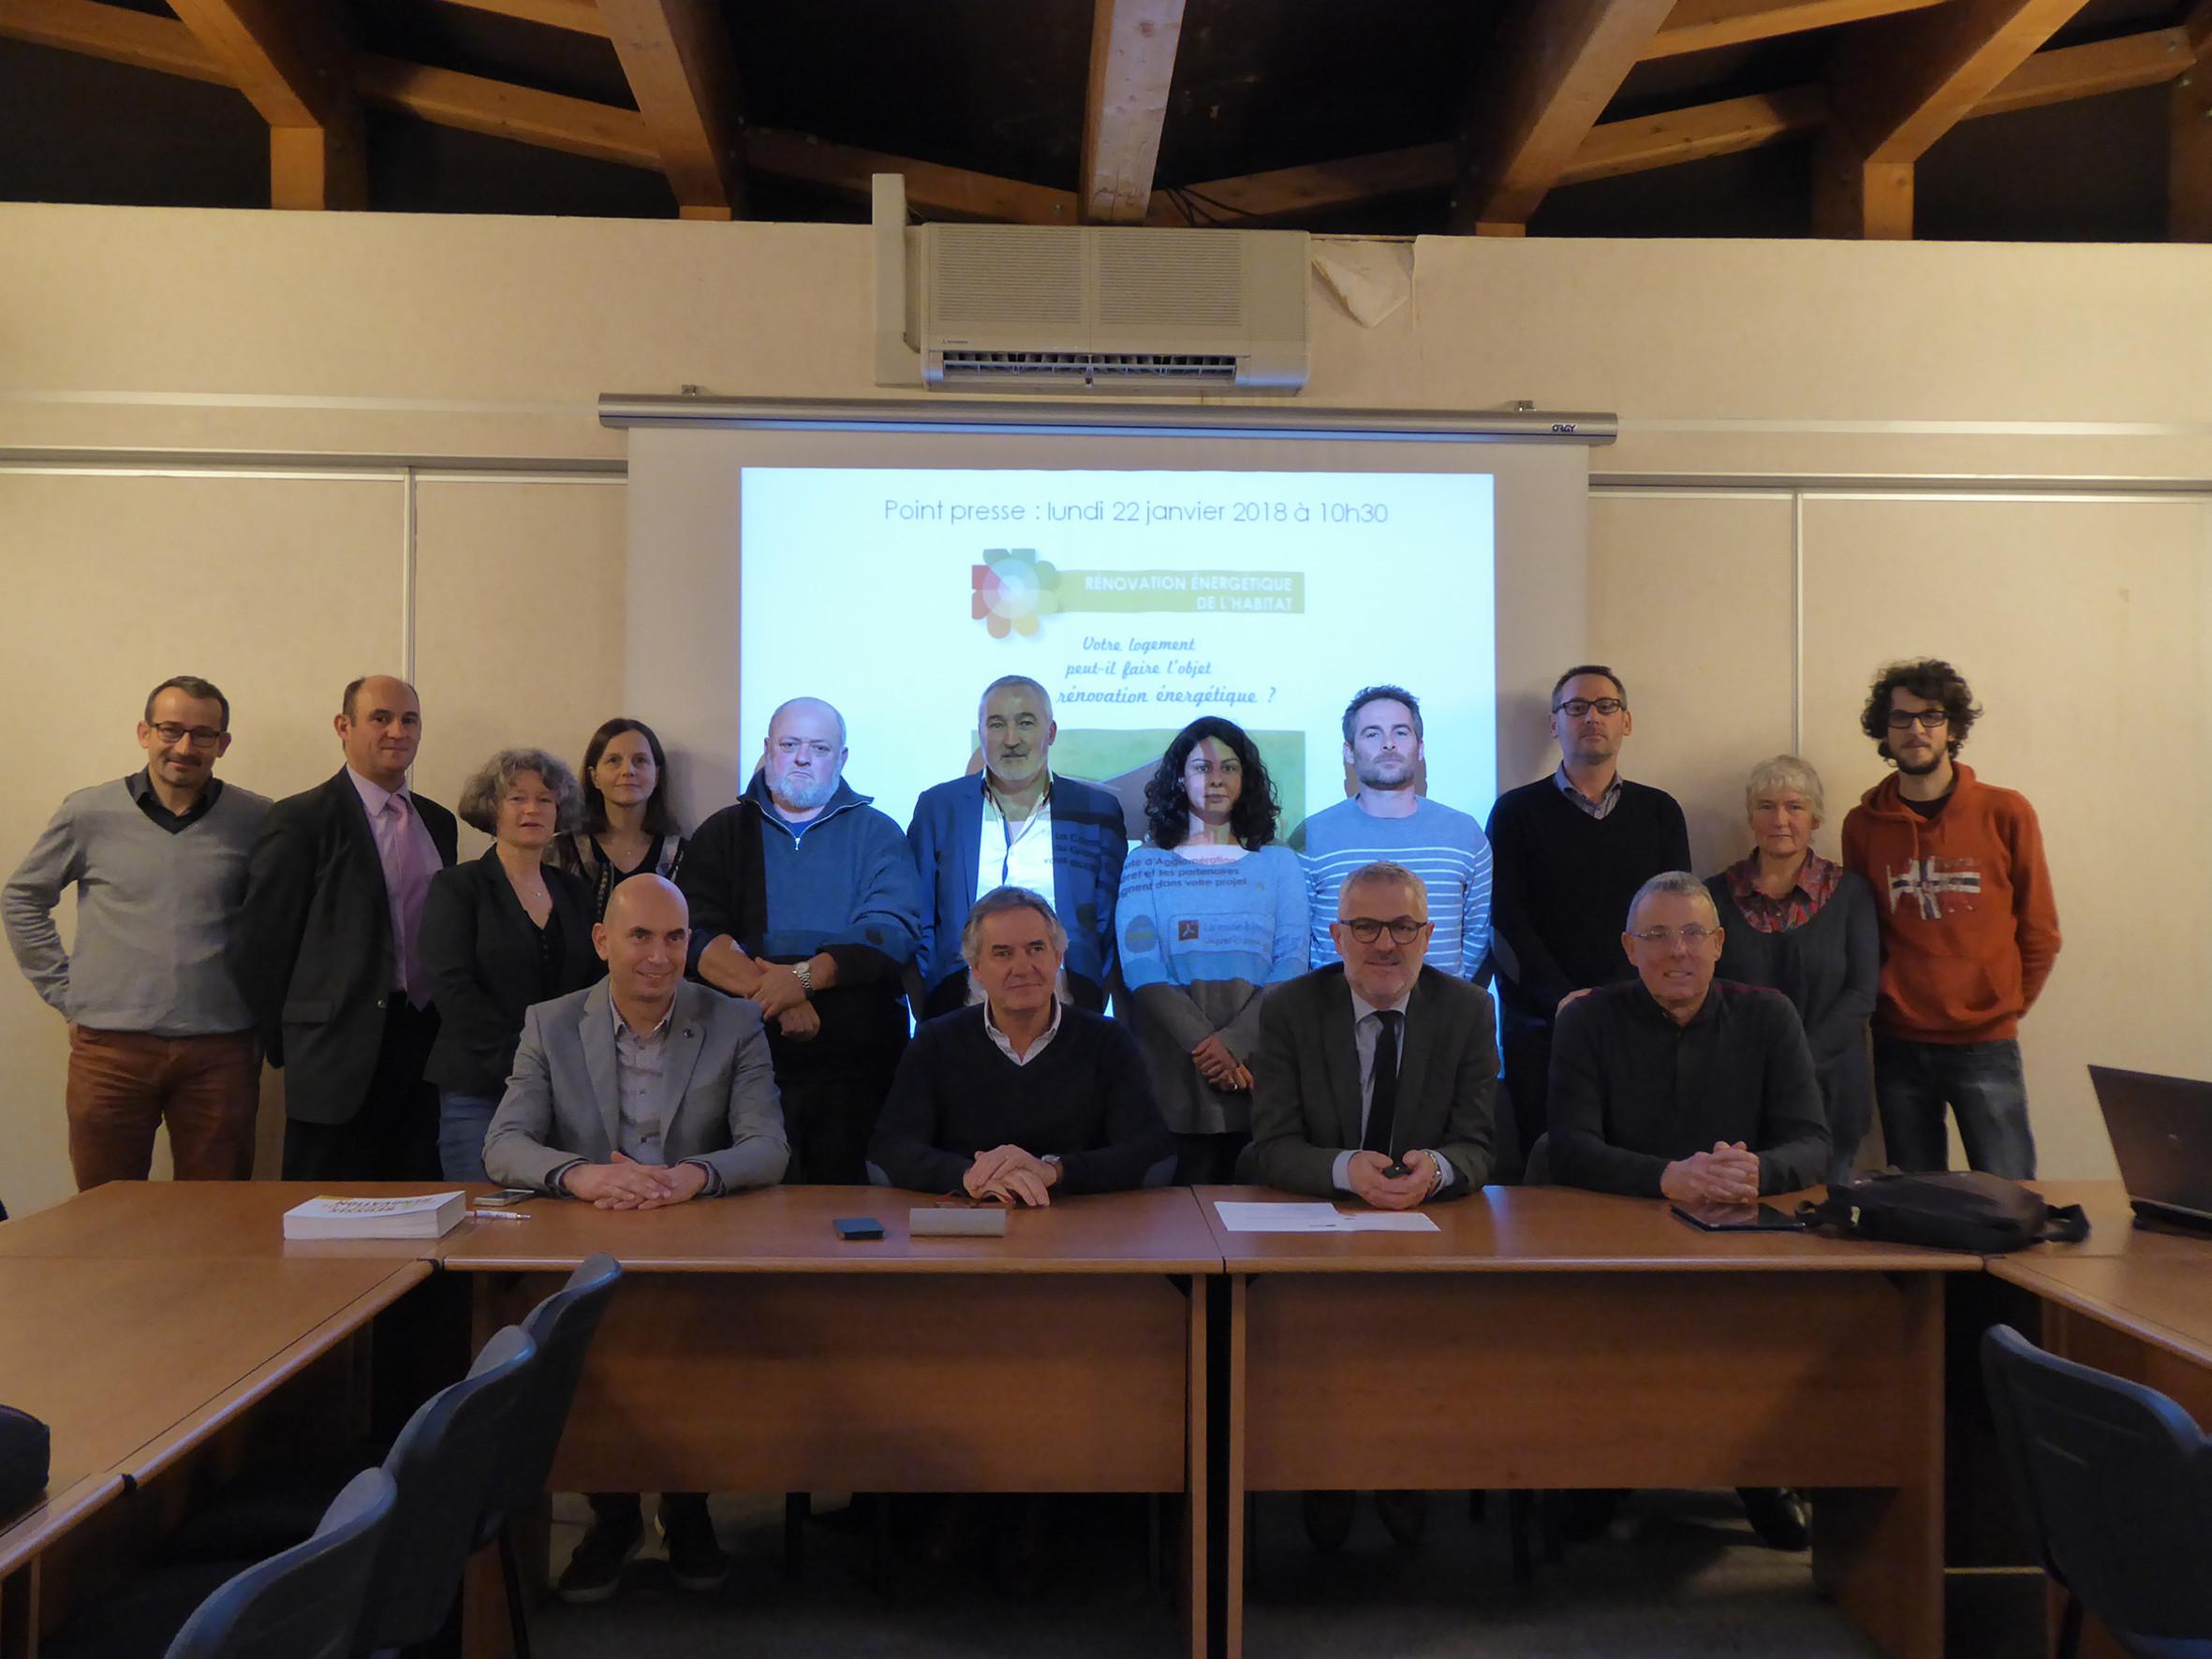 Les partenaires du dispositif « Objectif rénovation : l'accès à la rénovation pour tous ».